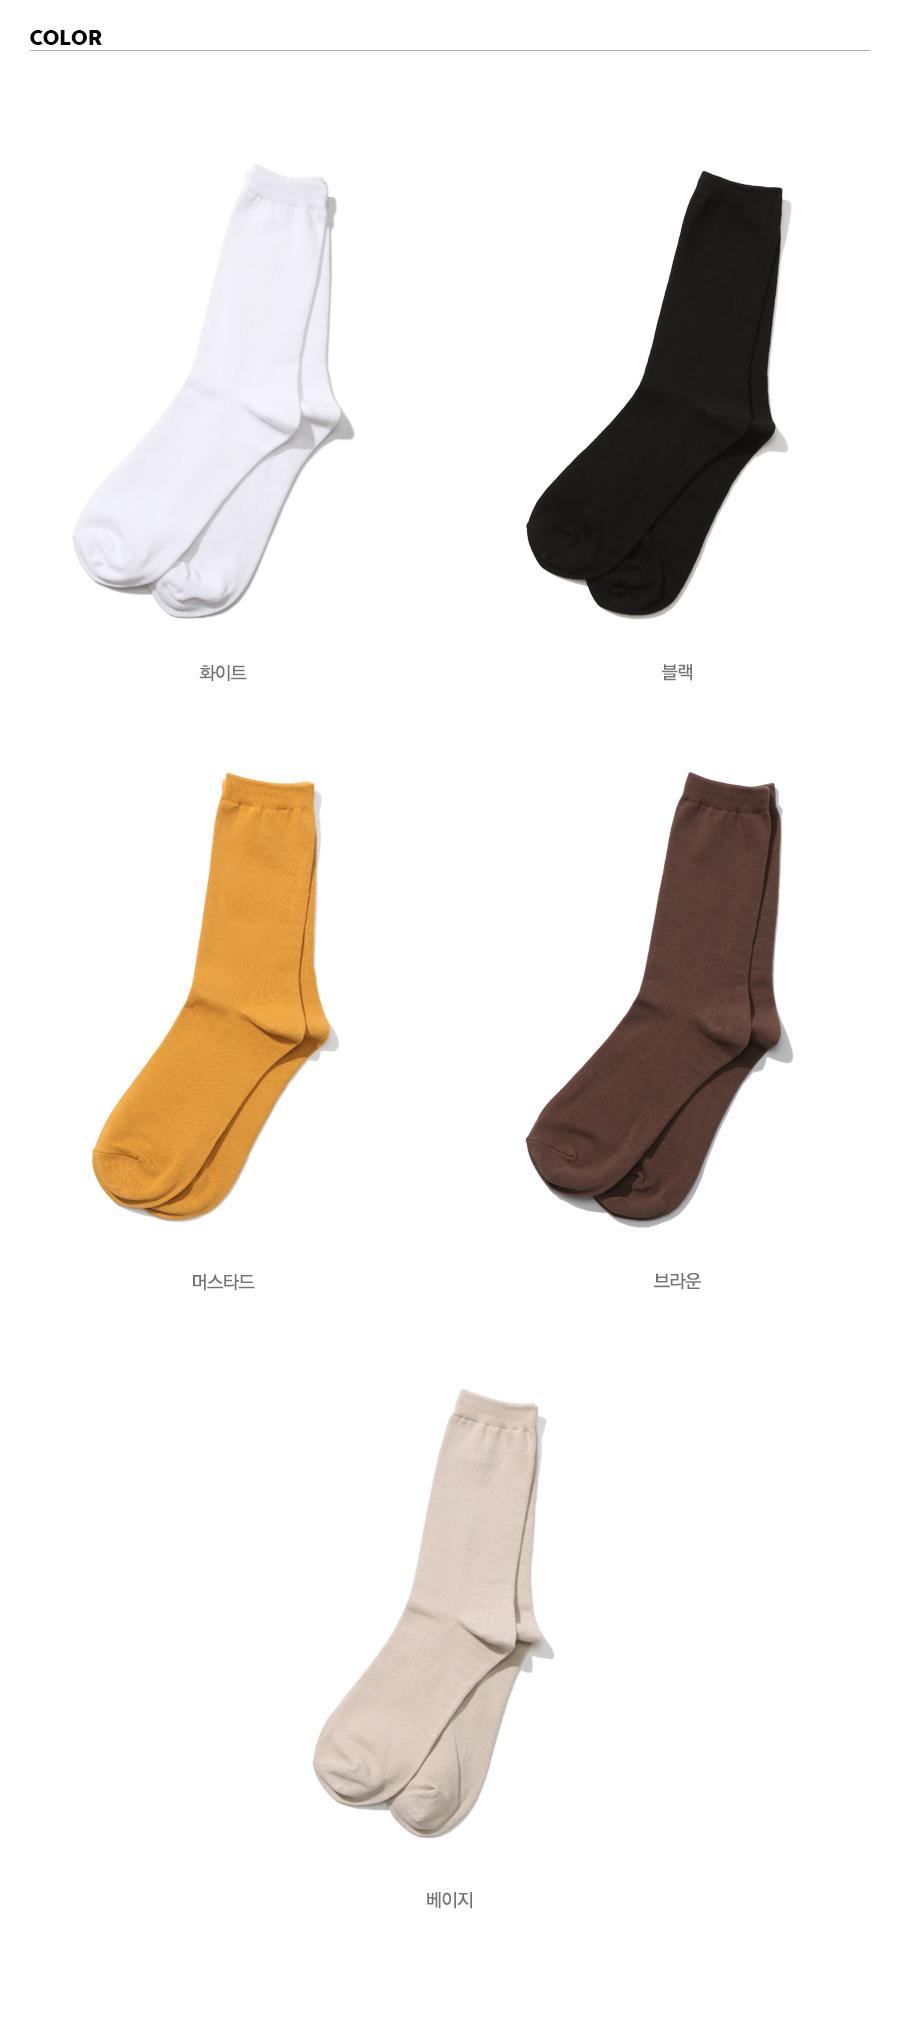 20180611_up_daily_color_socks_color_kj.jpg